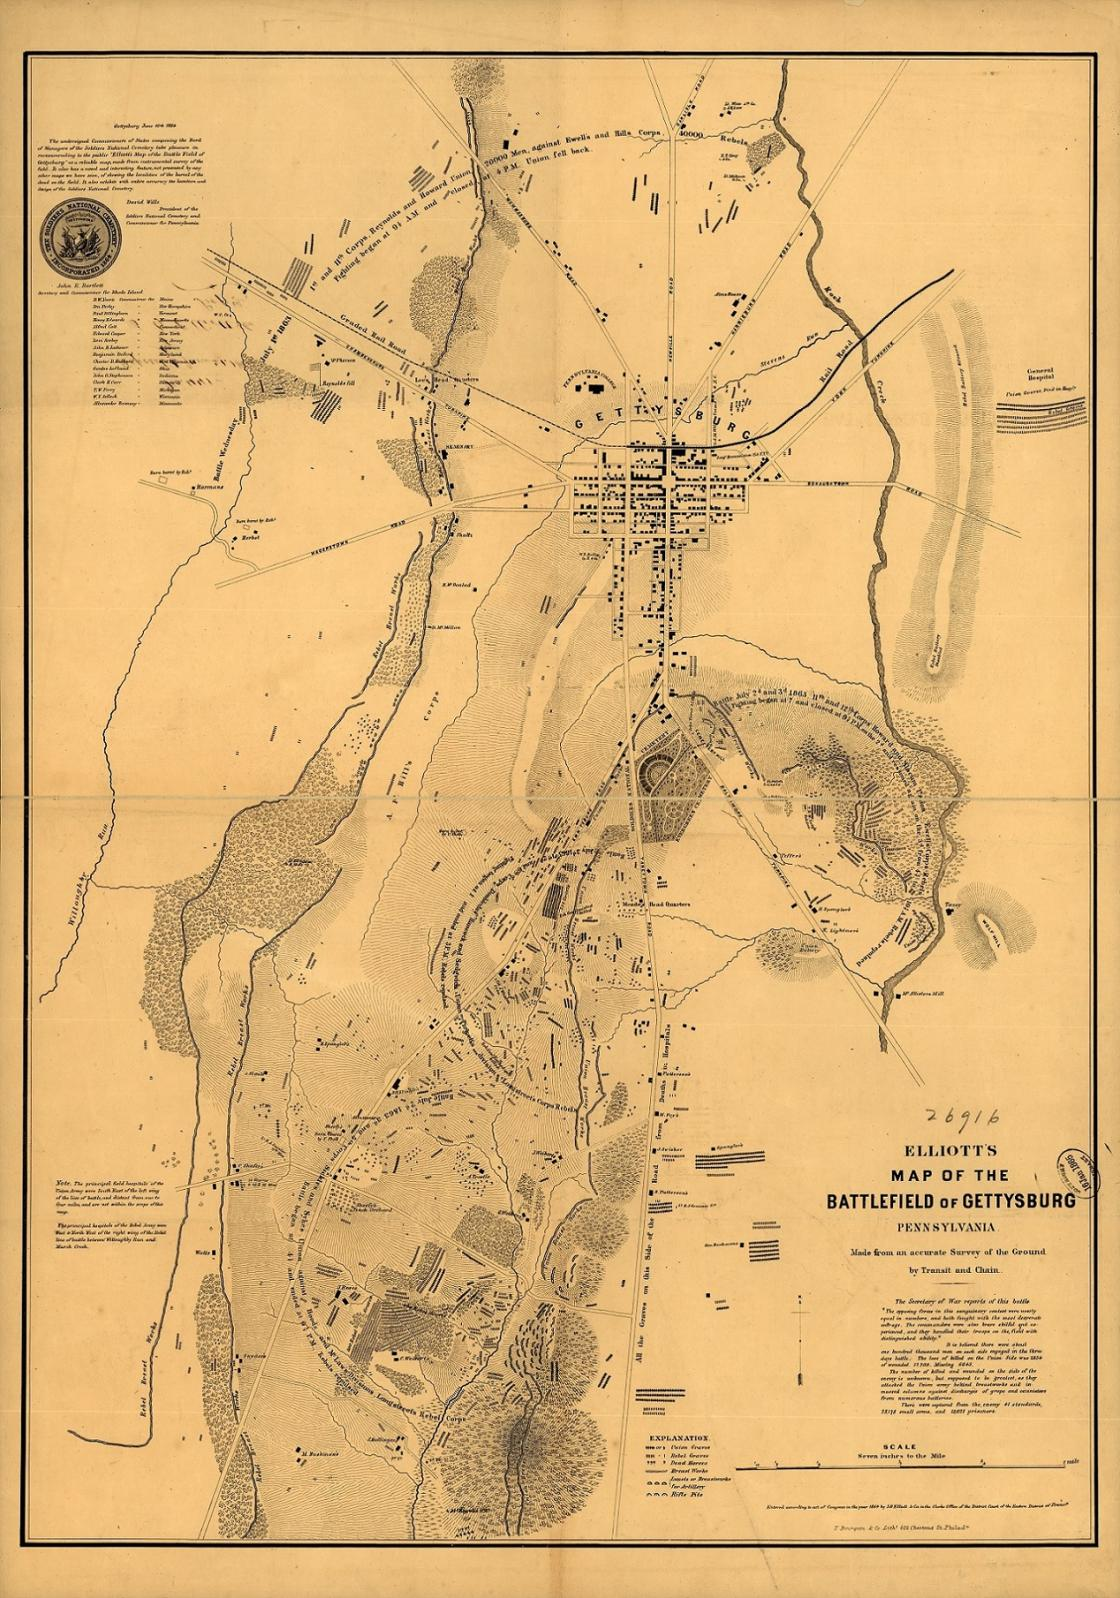 Gettysburg Elliott Burial Map